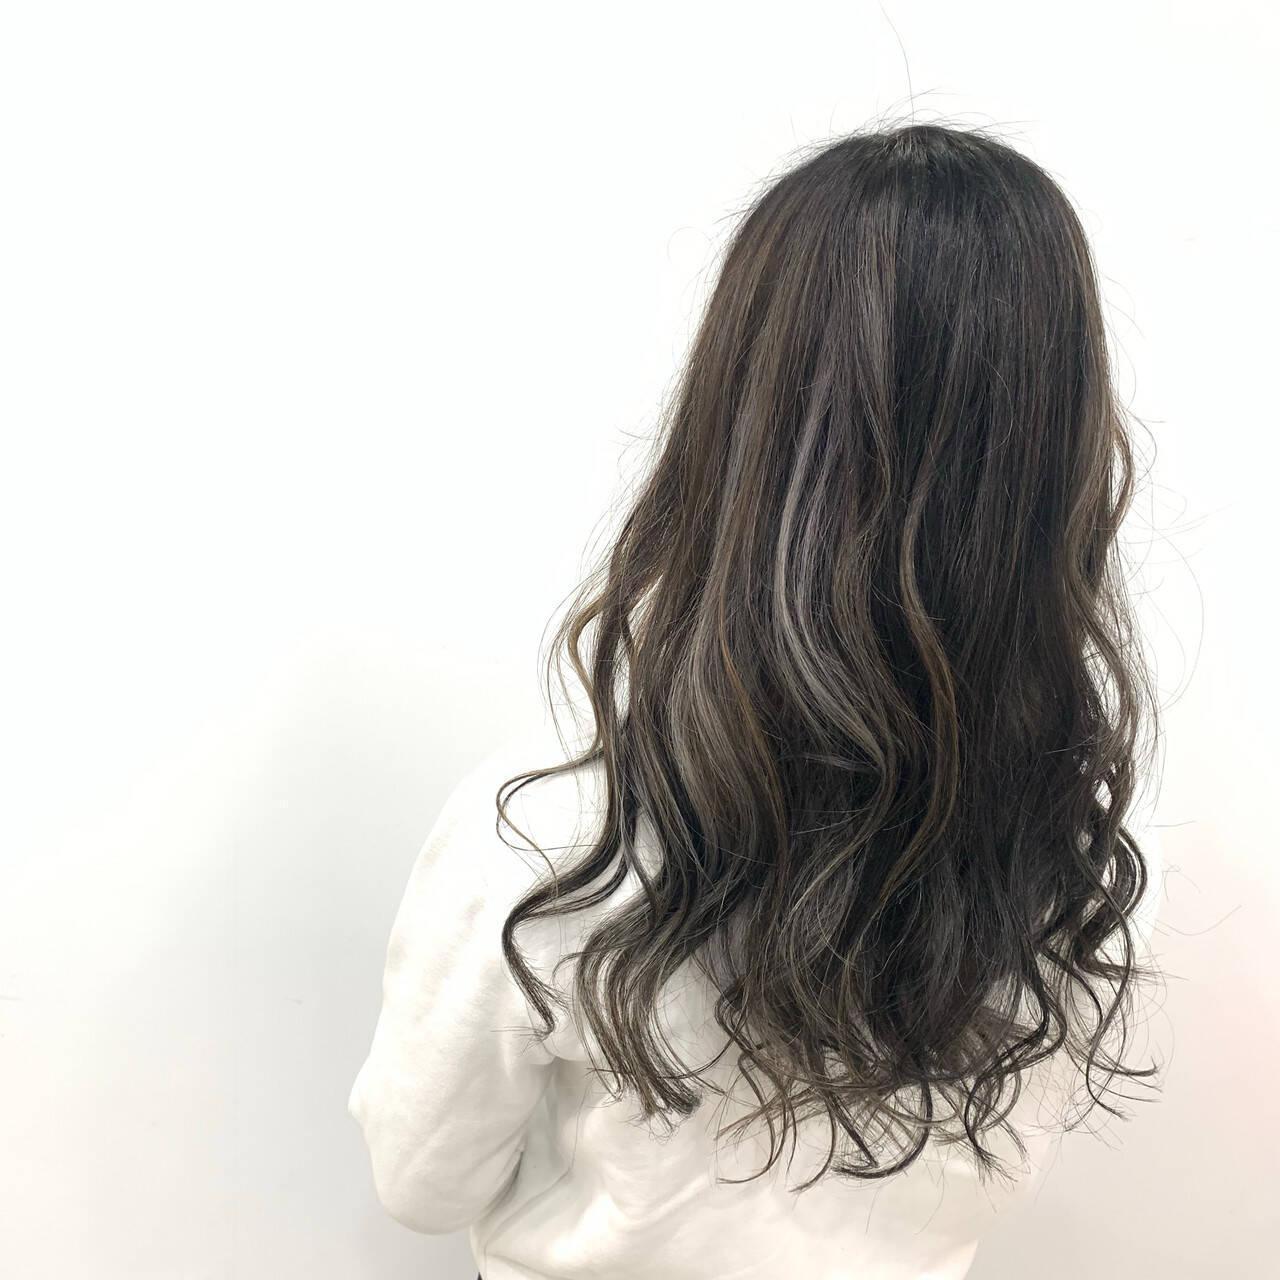 エアータッチ コントラストハイライト セミロング ハイライトヘアスタイルや髪型の写真・画像